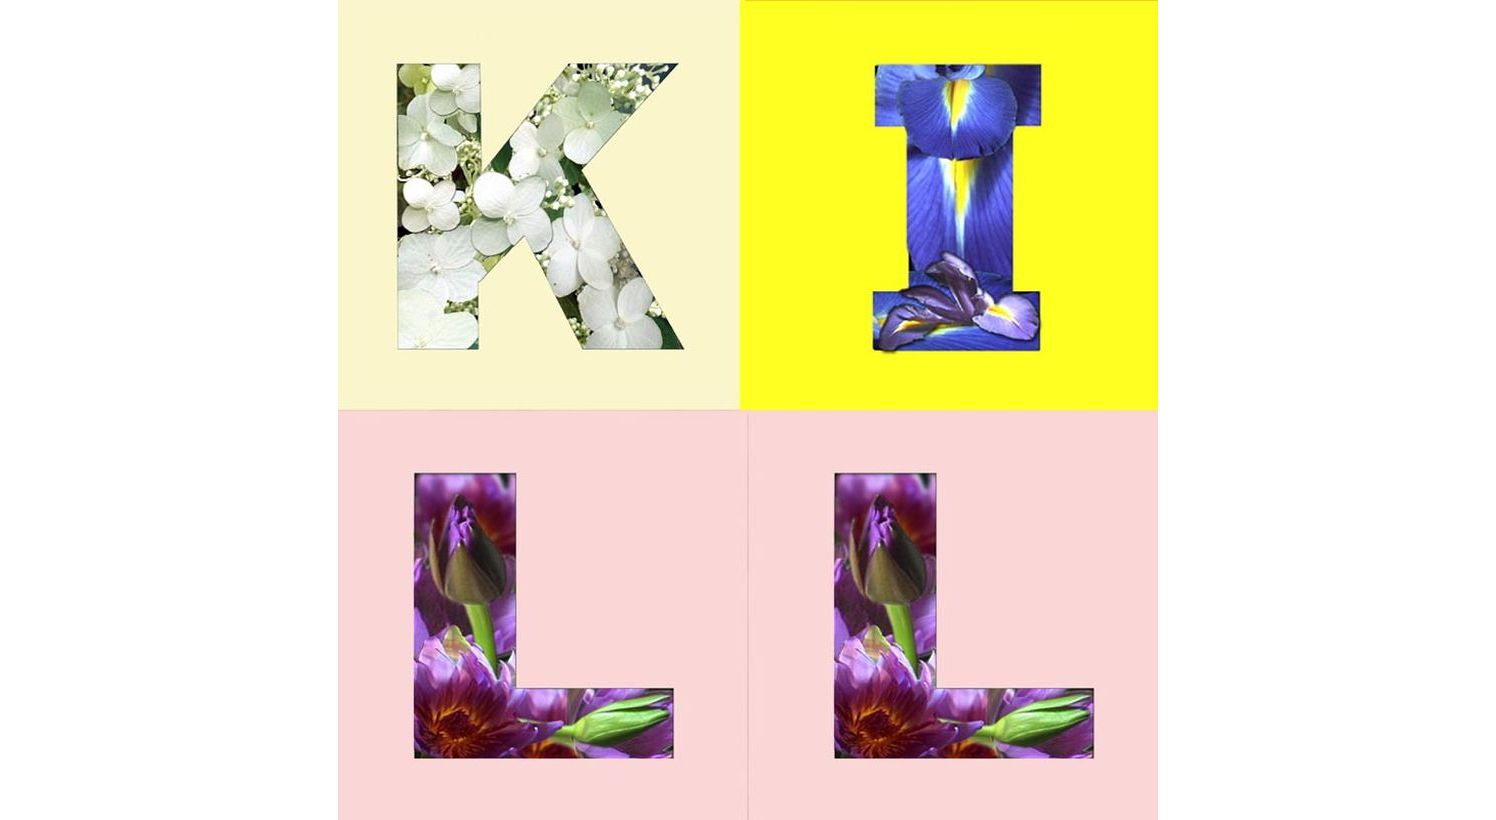 09 kill_result21_result21